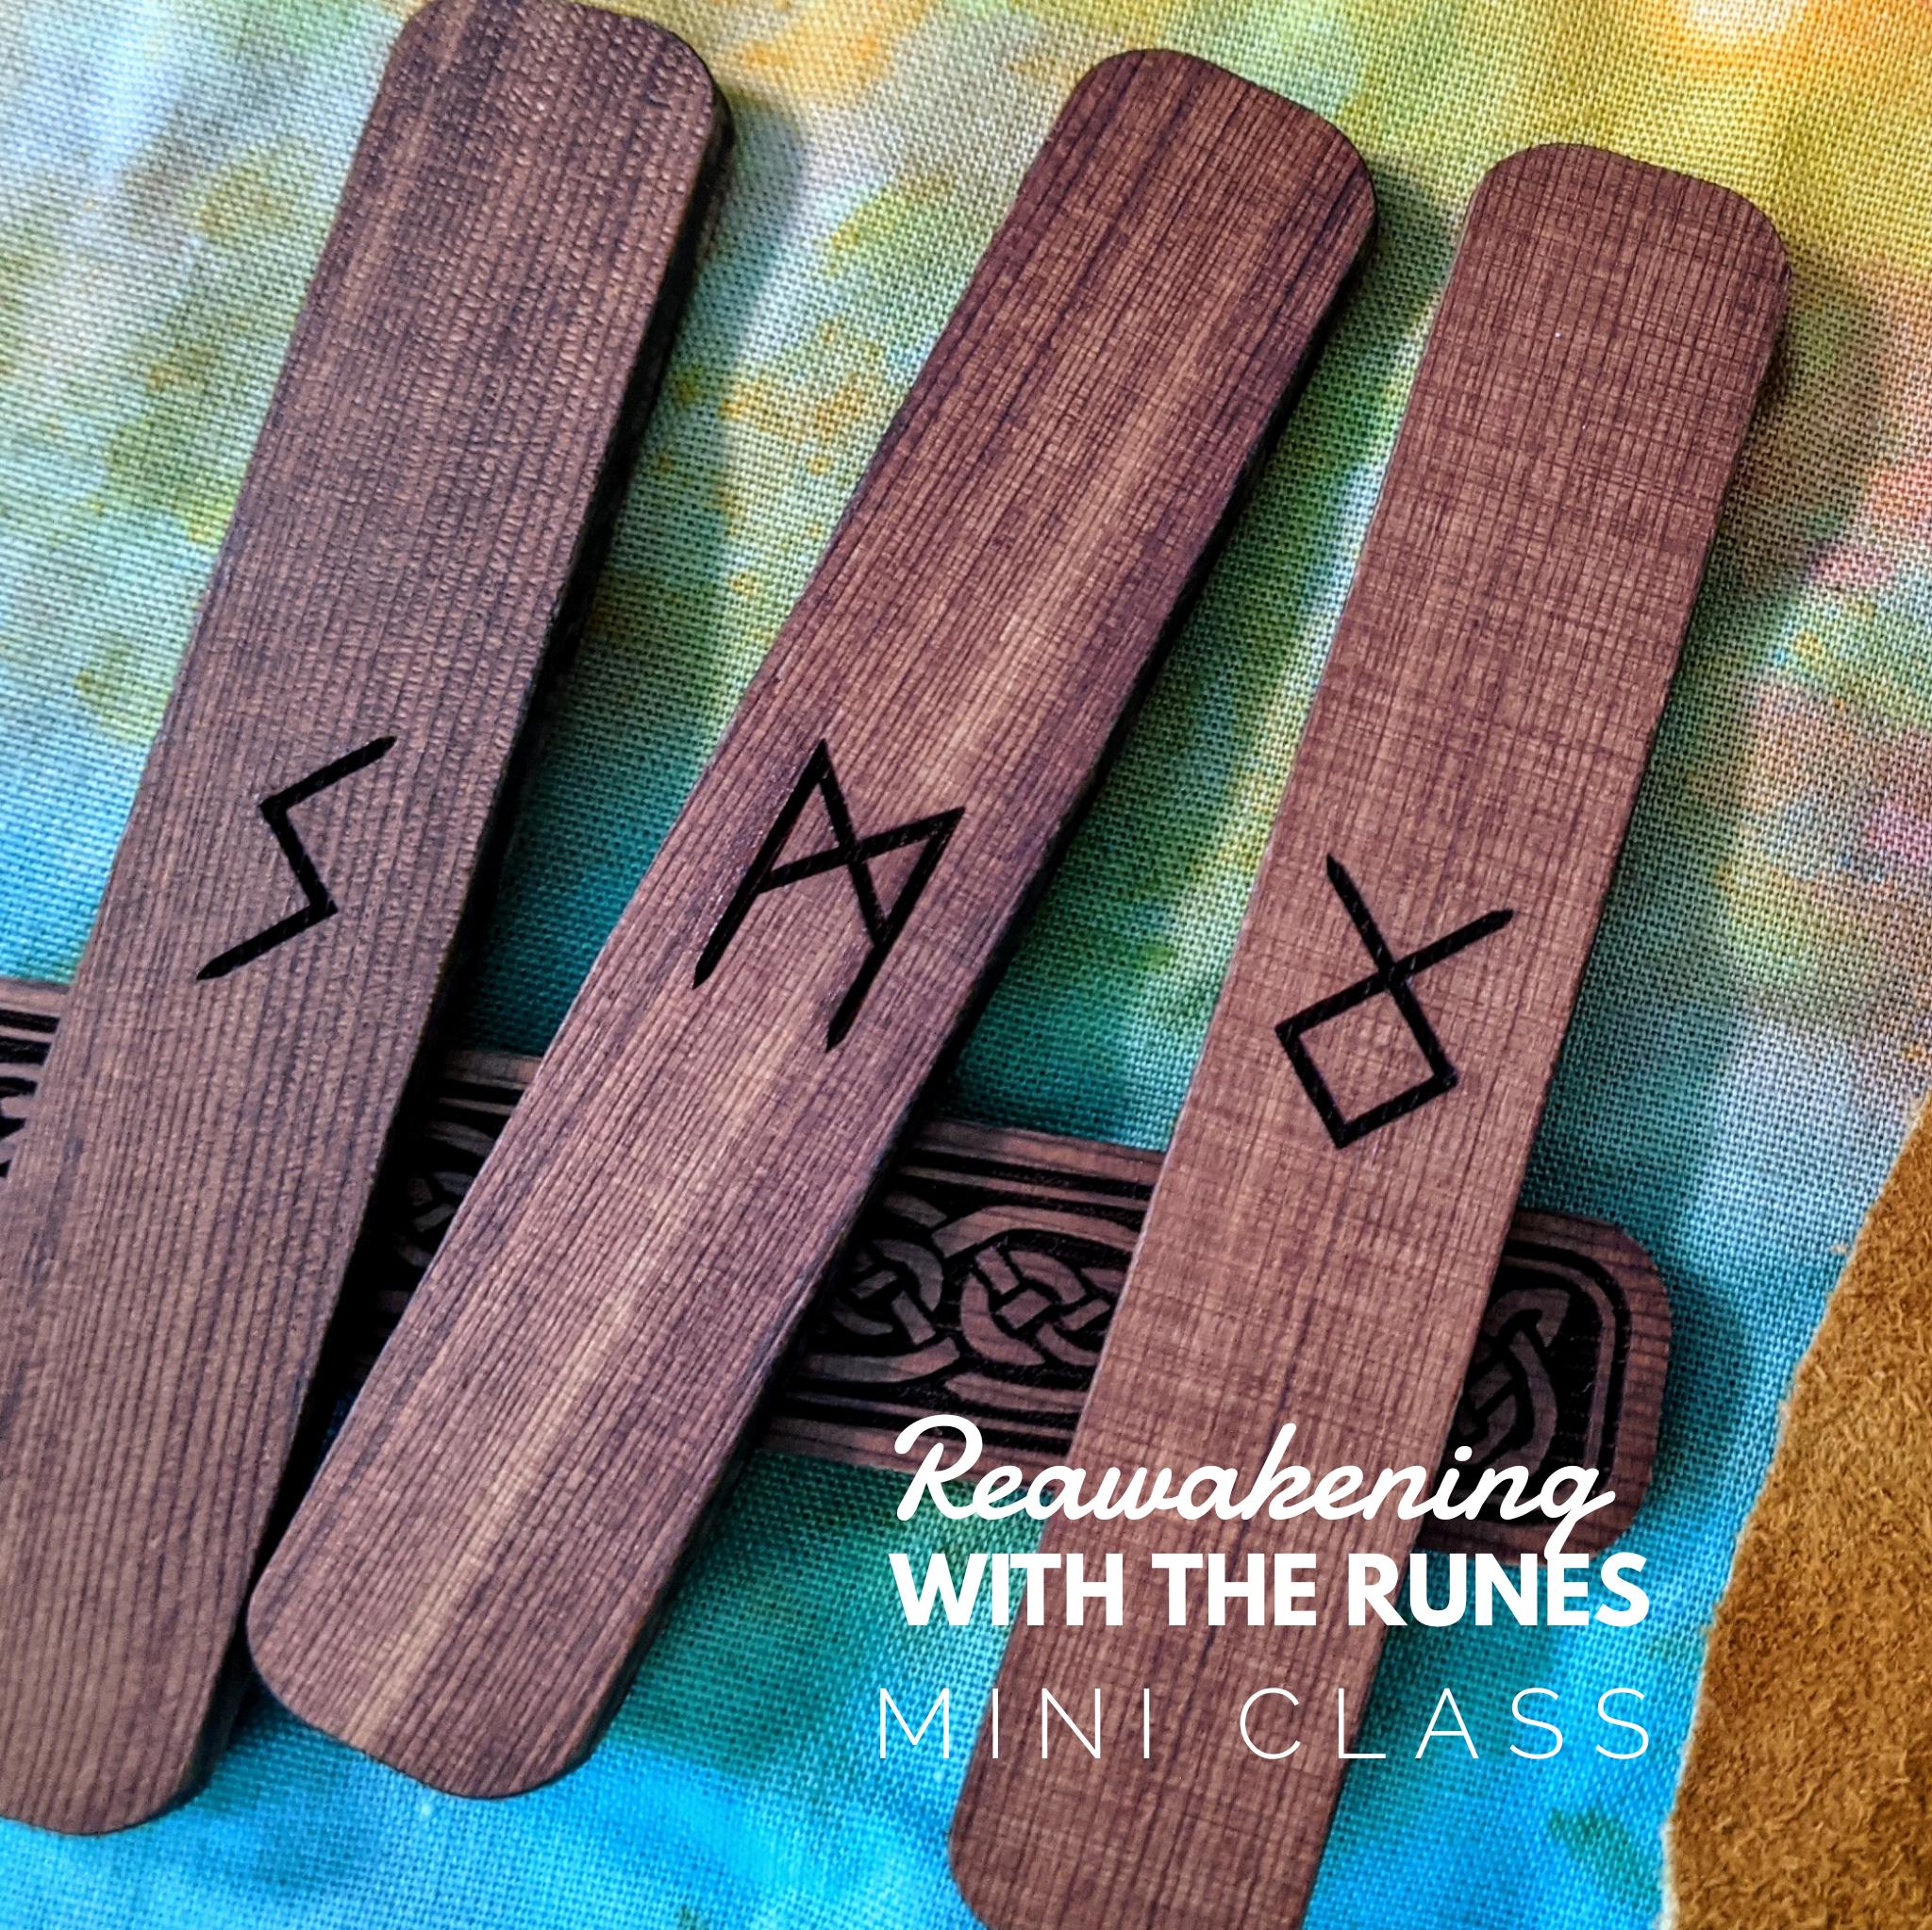 Reawakening with the Runes mini class